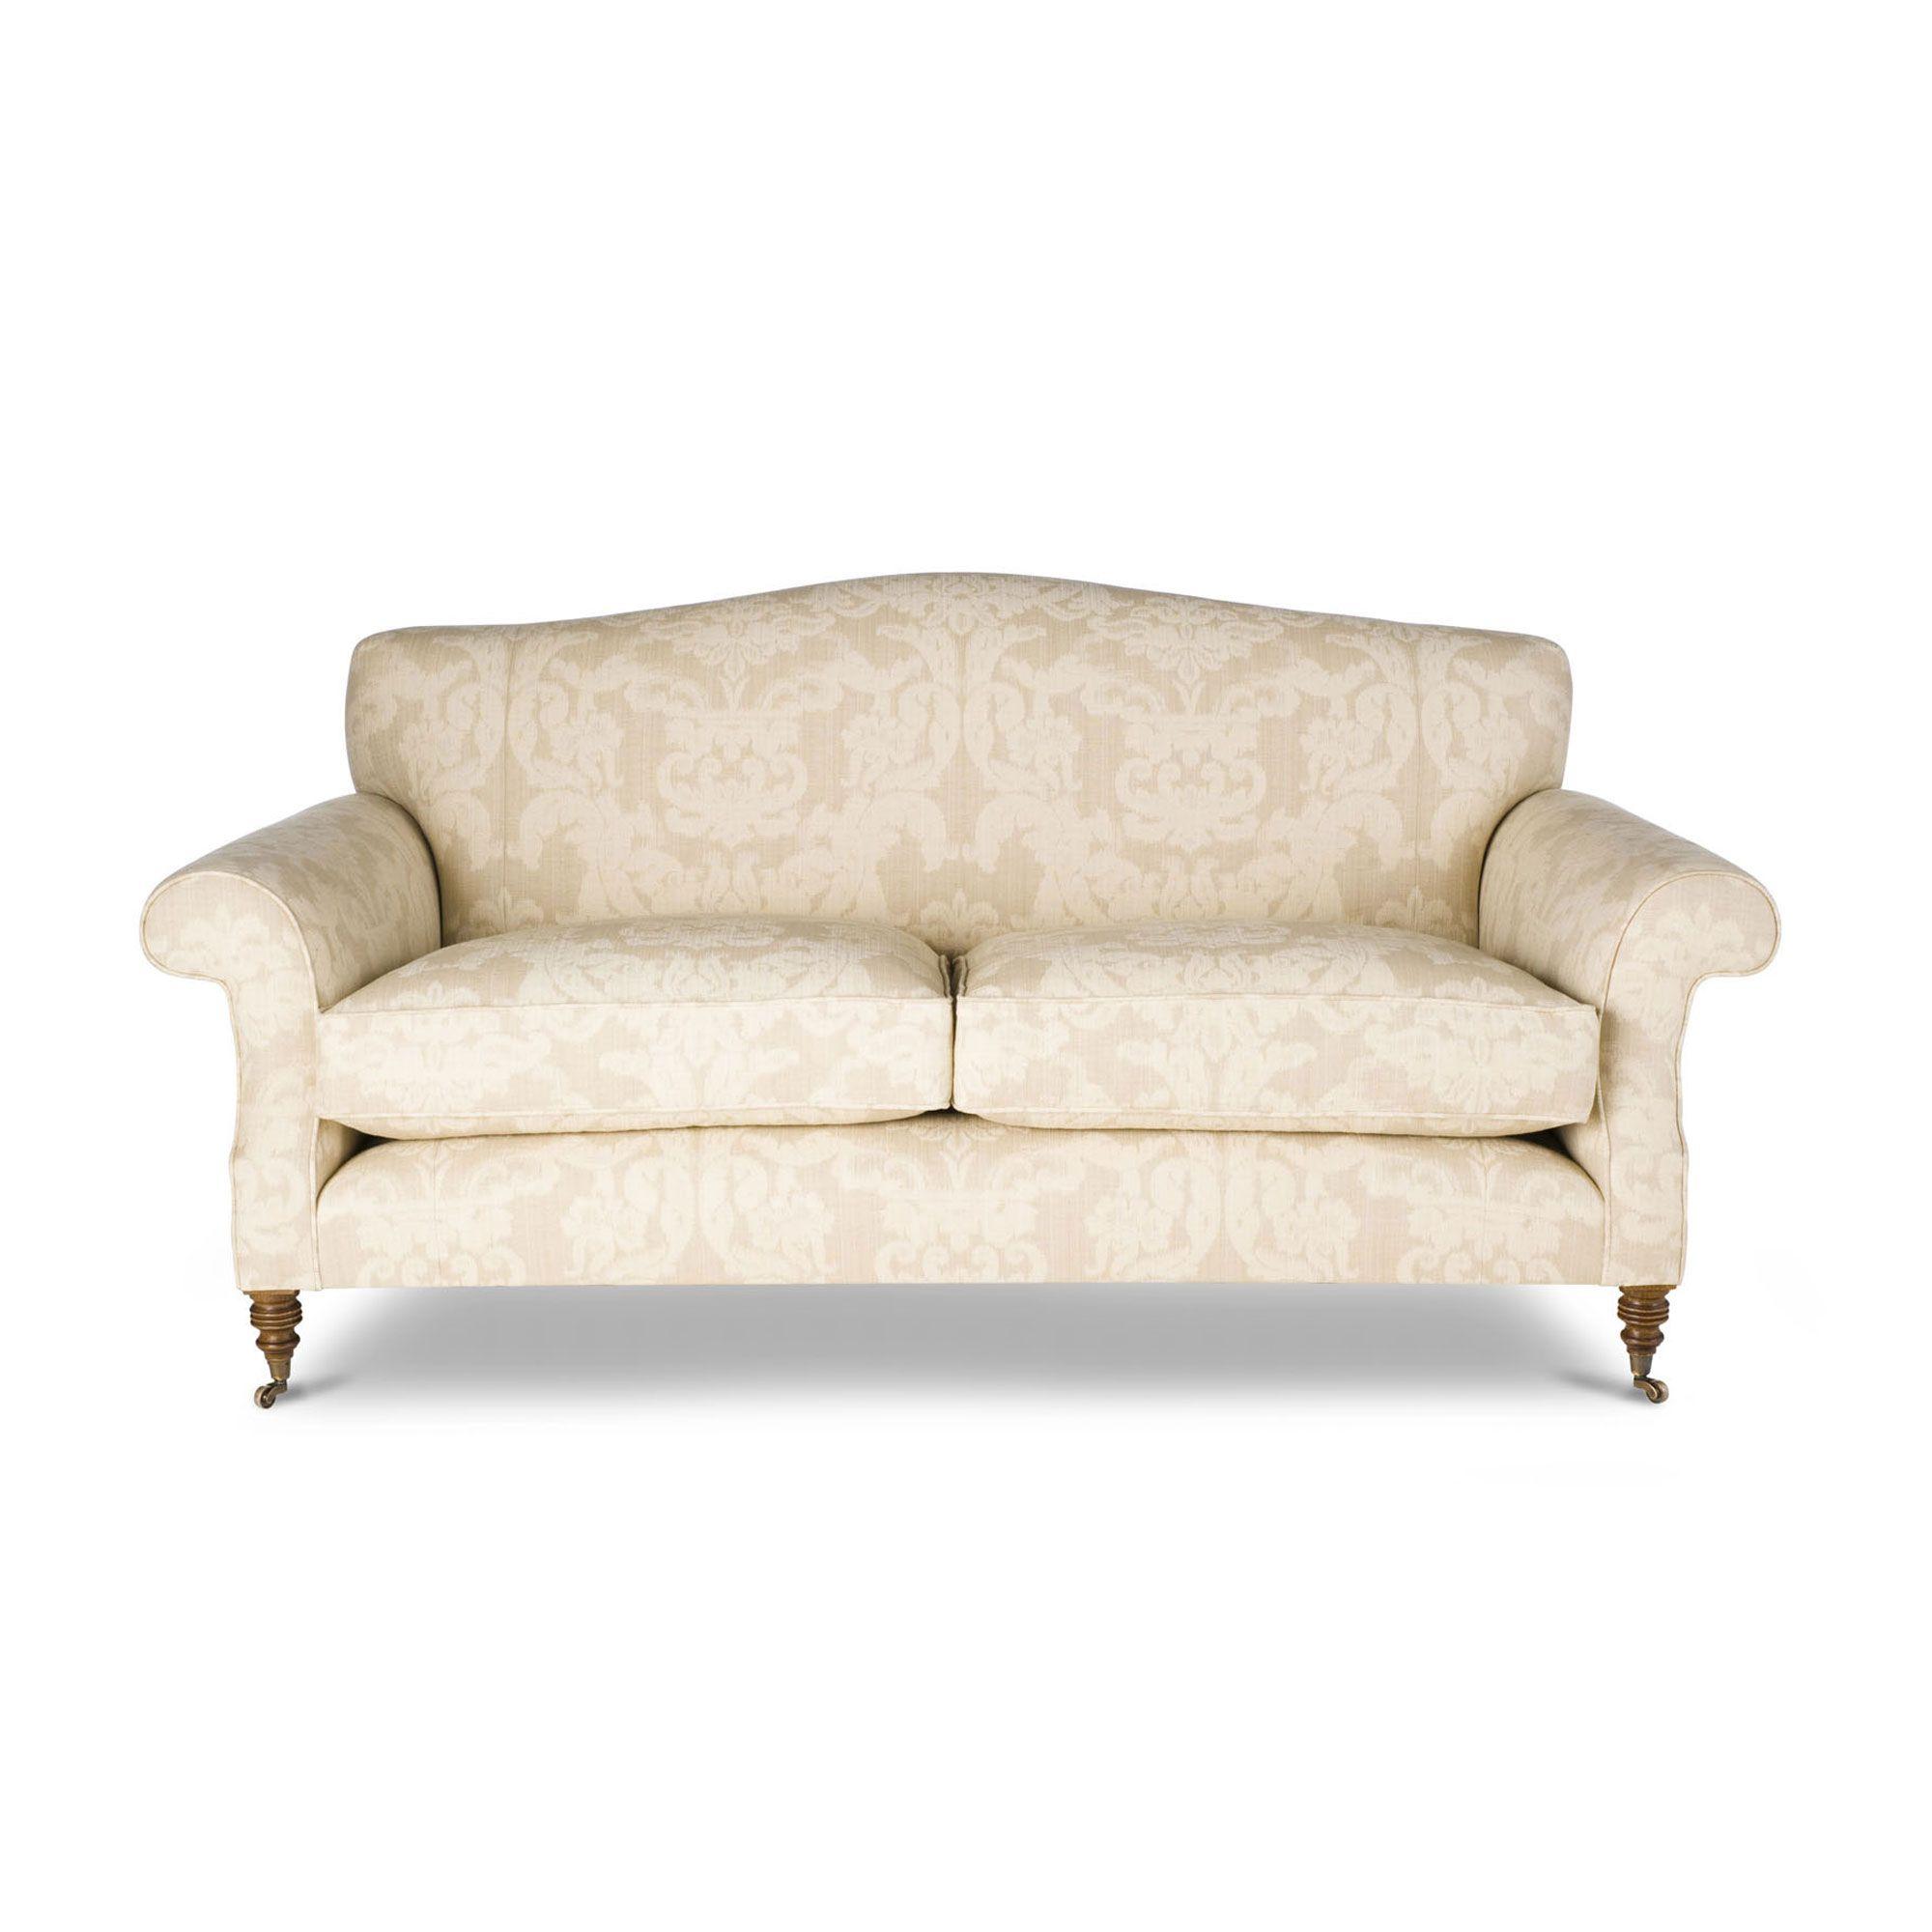 Luxury Sofas Bespoke Handmade